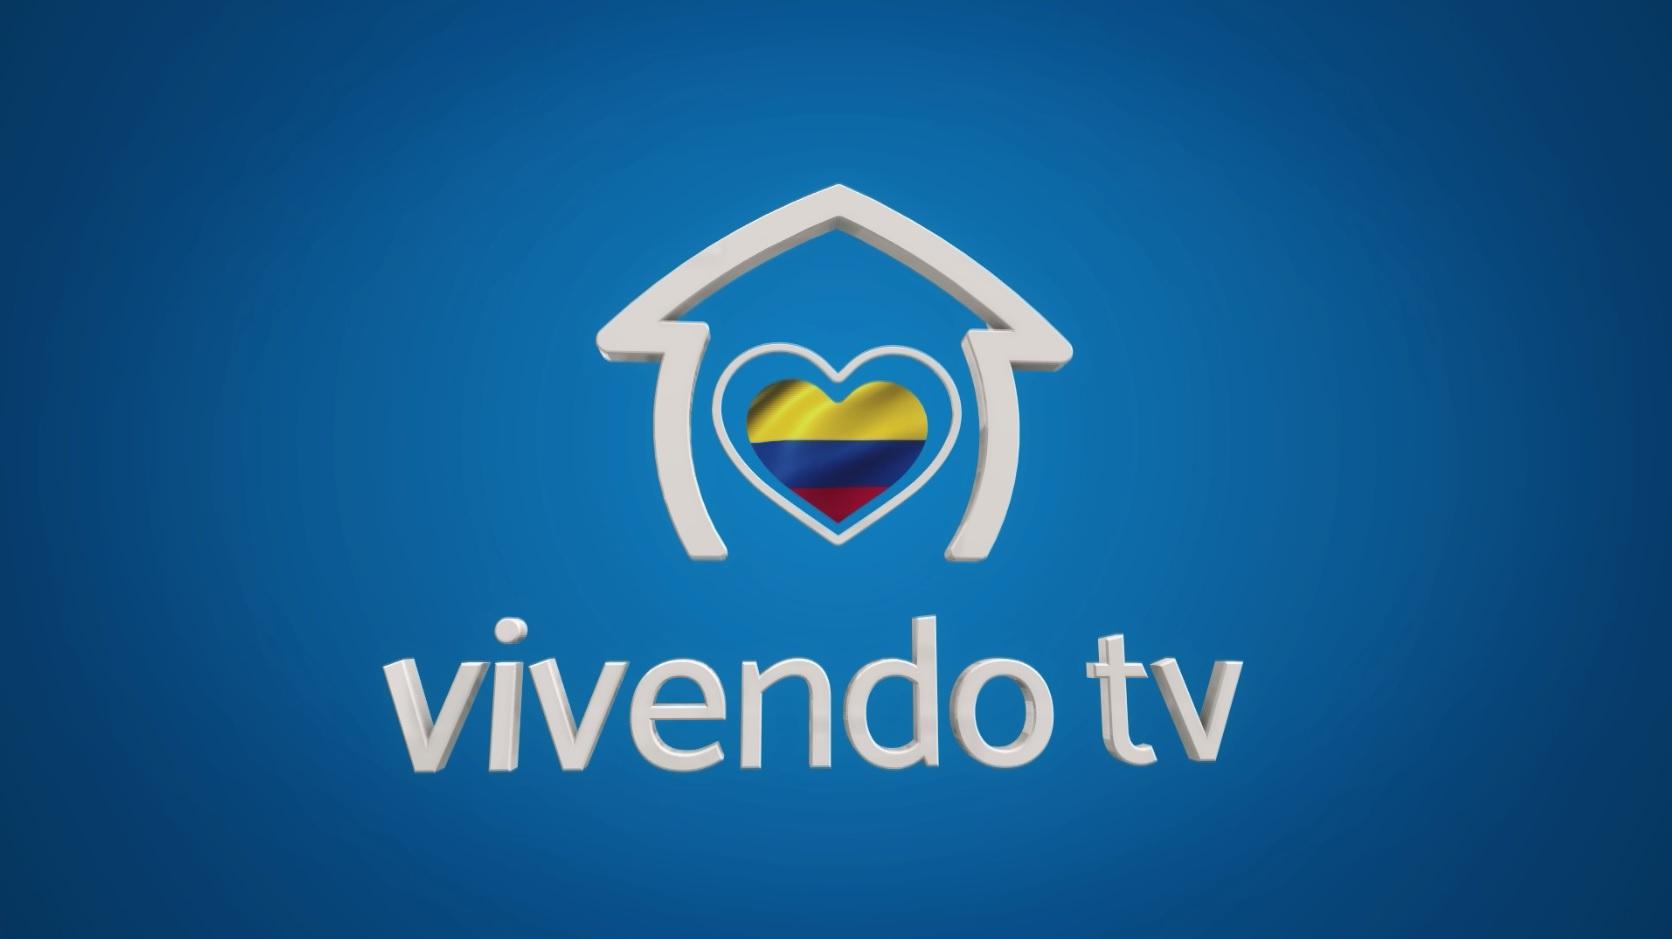 Los mejores proyectos de vivienda en Colombia están en Vivendo TV